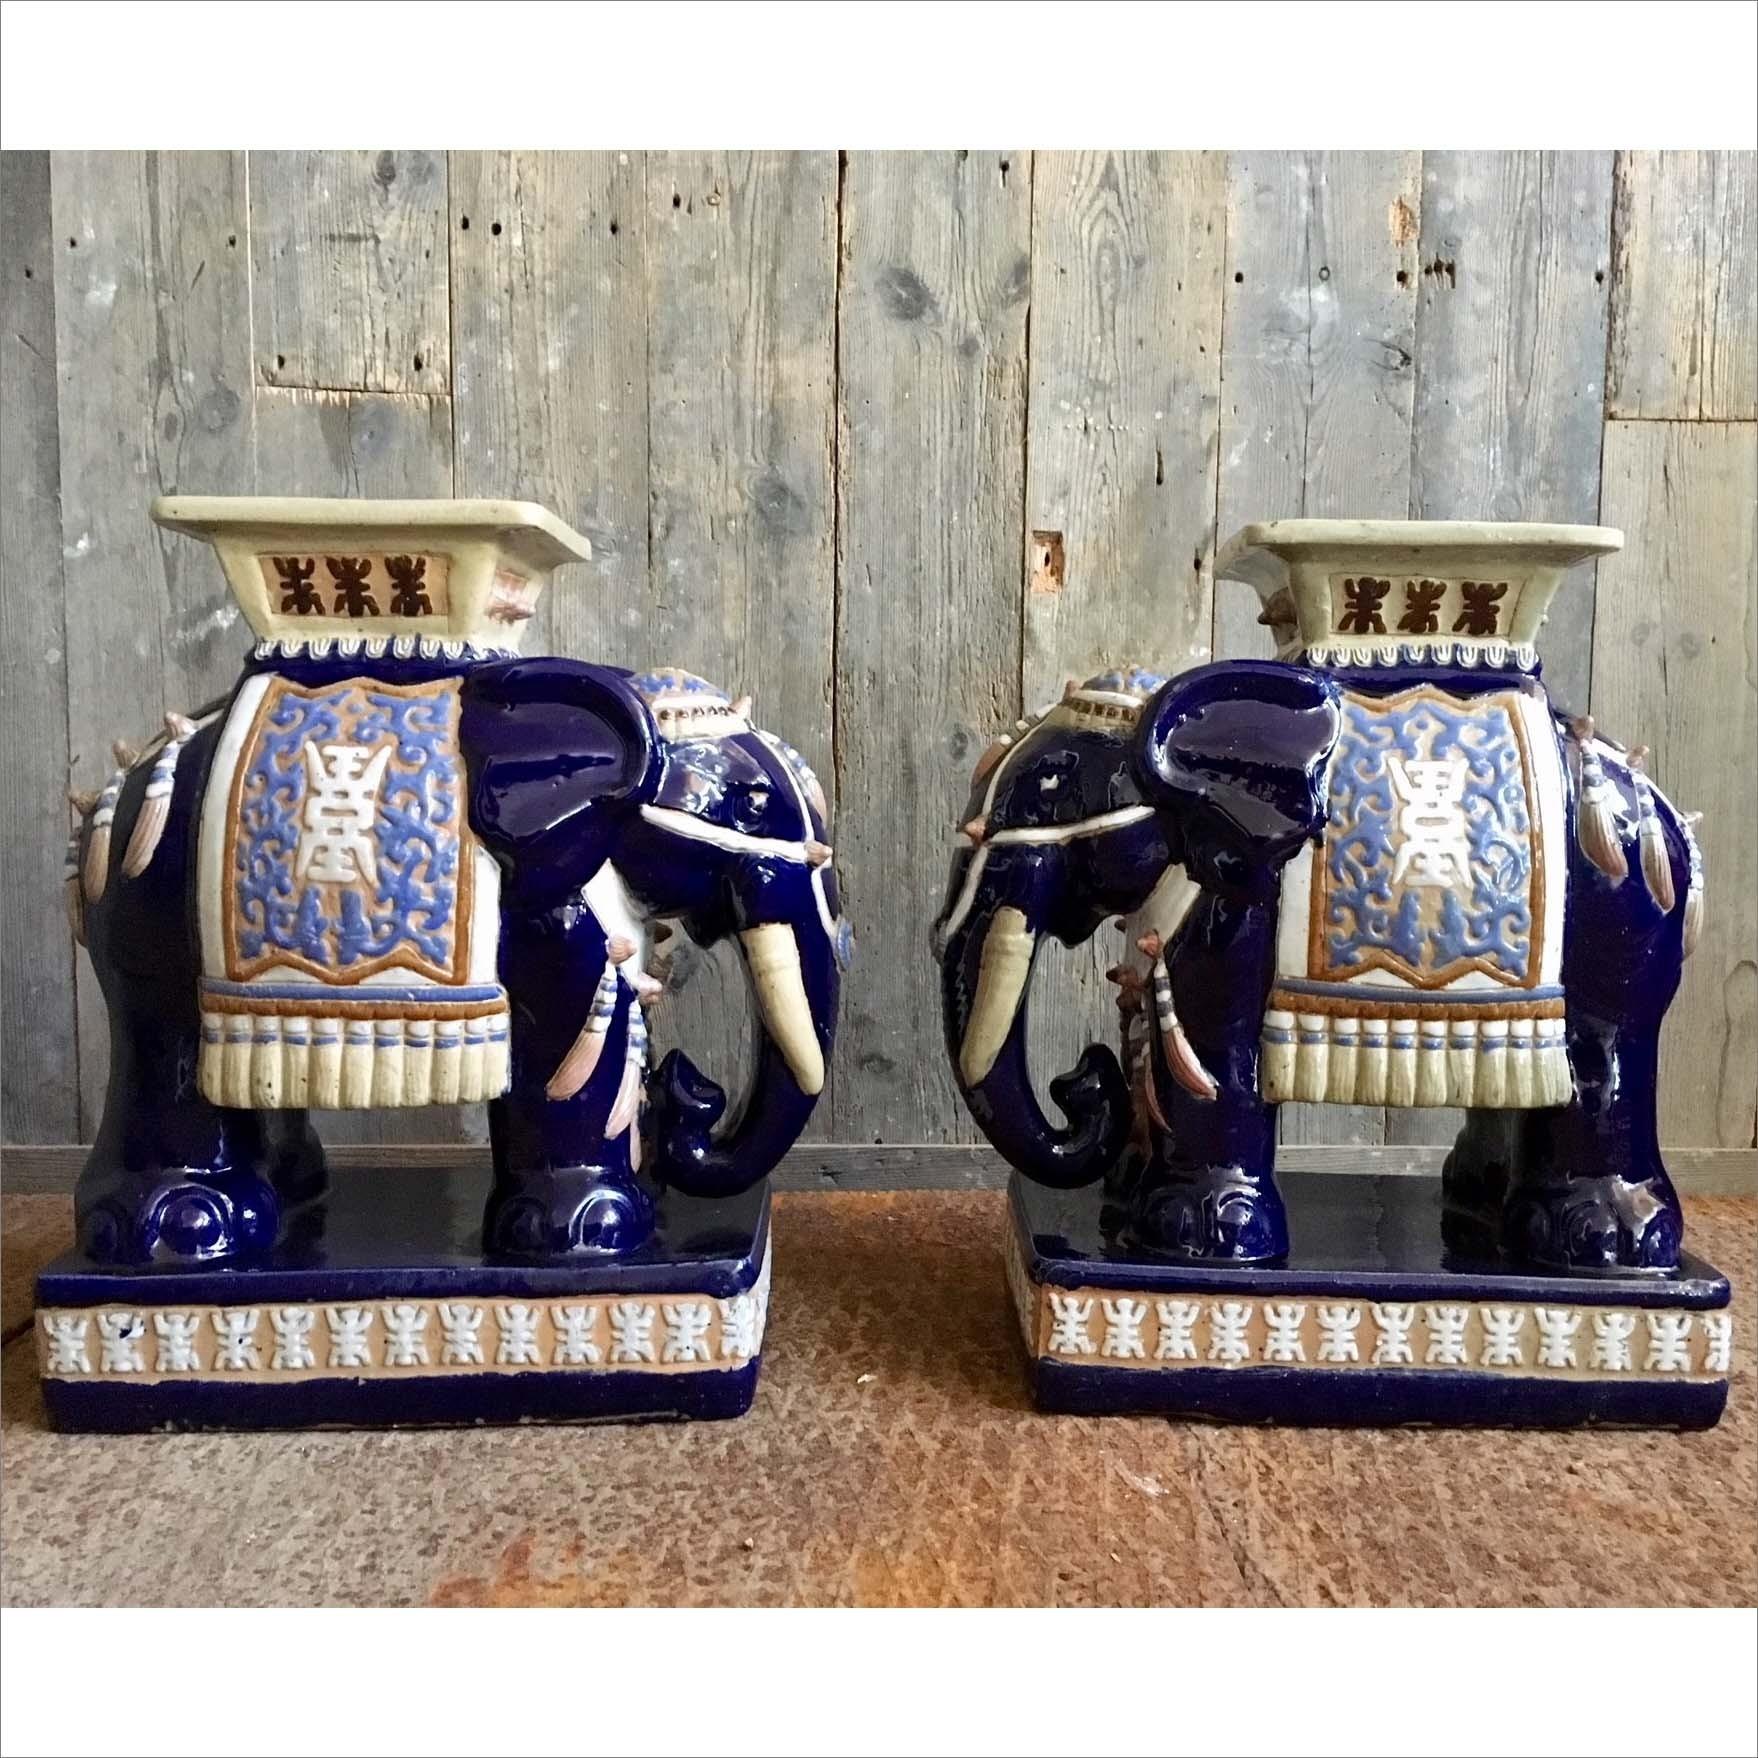 Jaren 70 olifanten tafeltjes/krukjes van keramiek